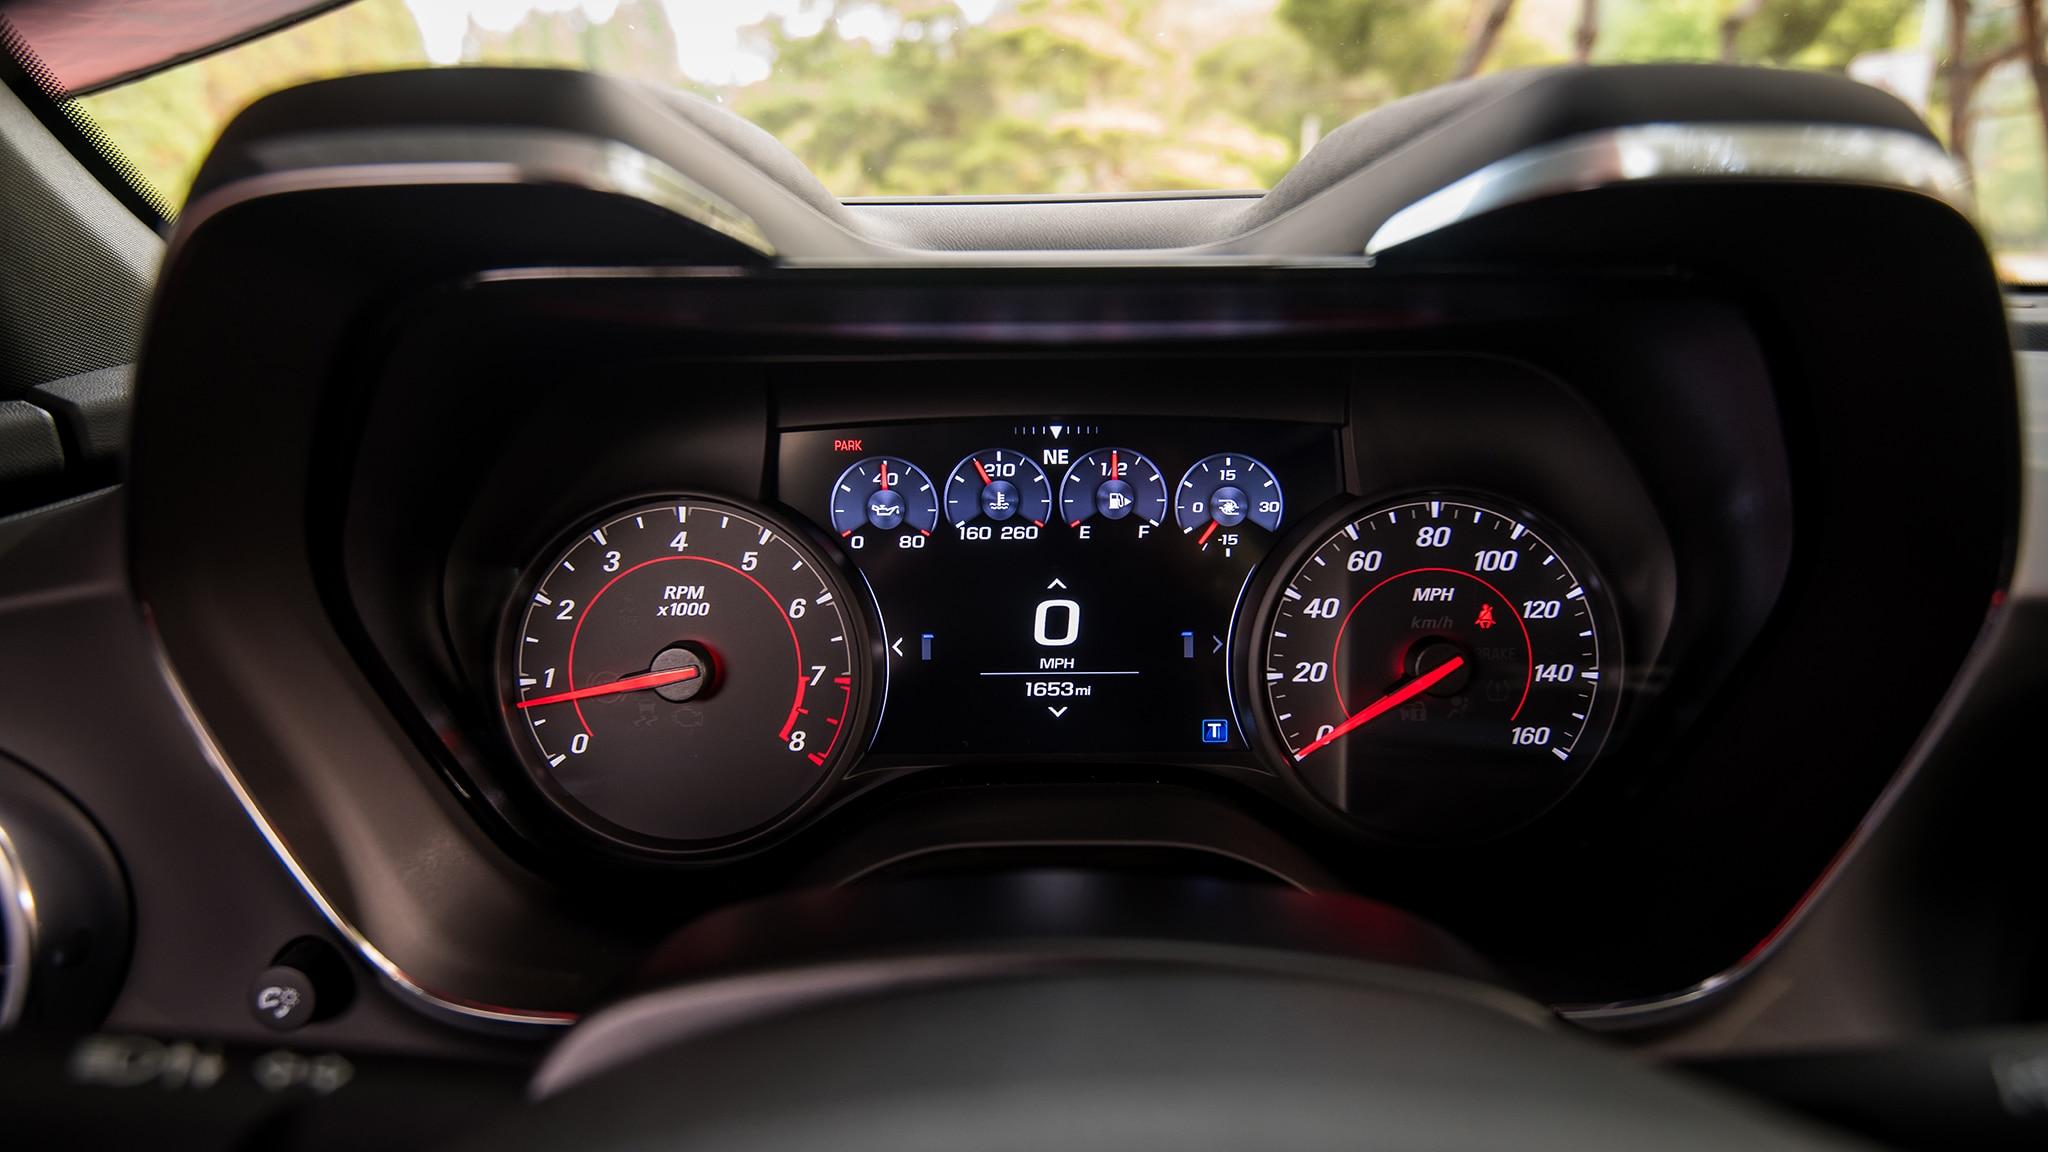 First Drive: 2019 Chevrolet Camaro Turbo 1LE | Automobile ...